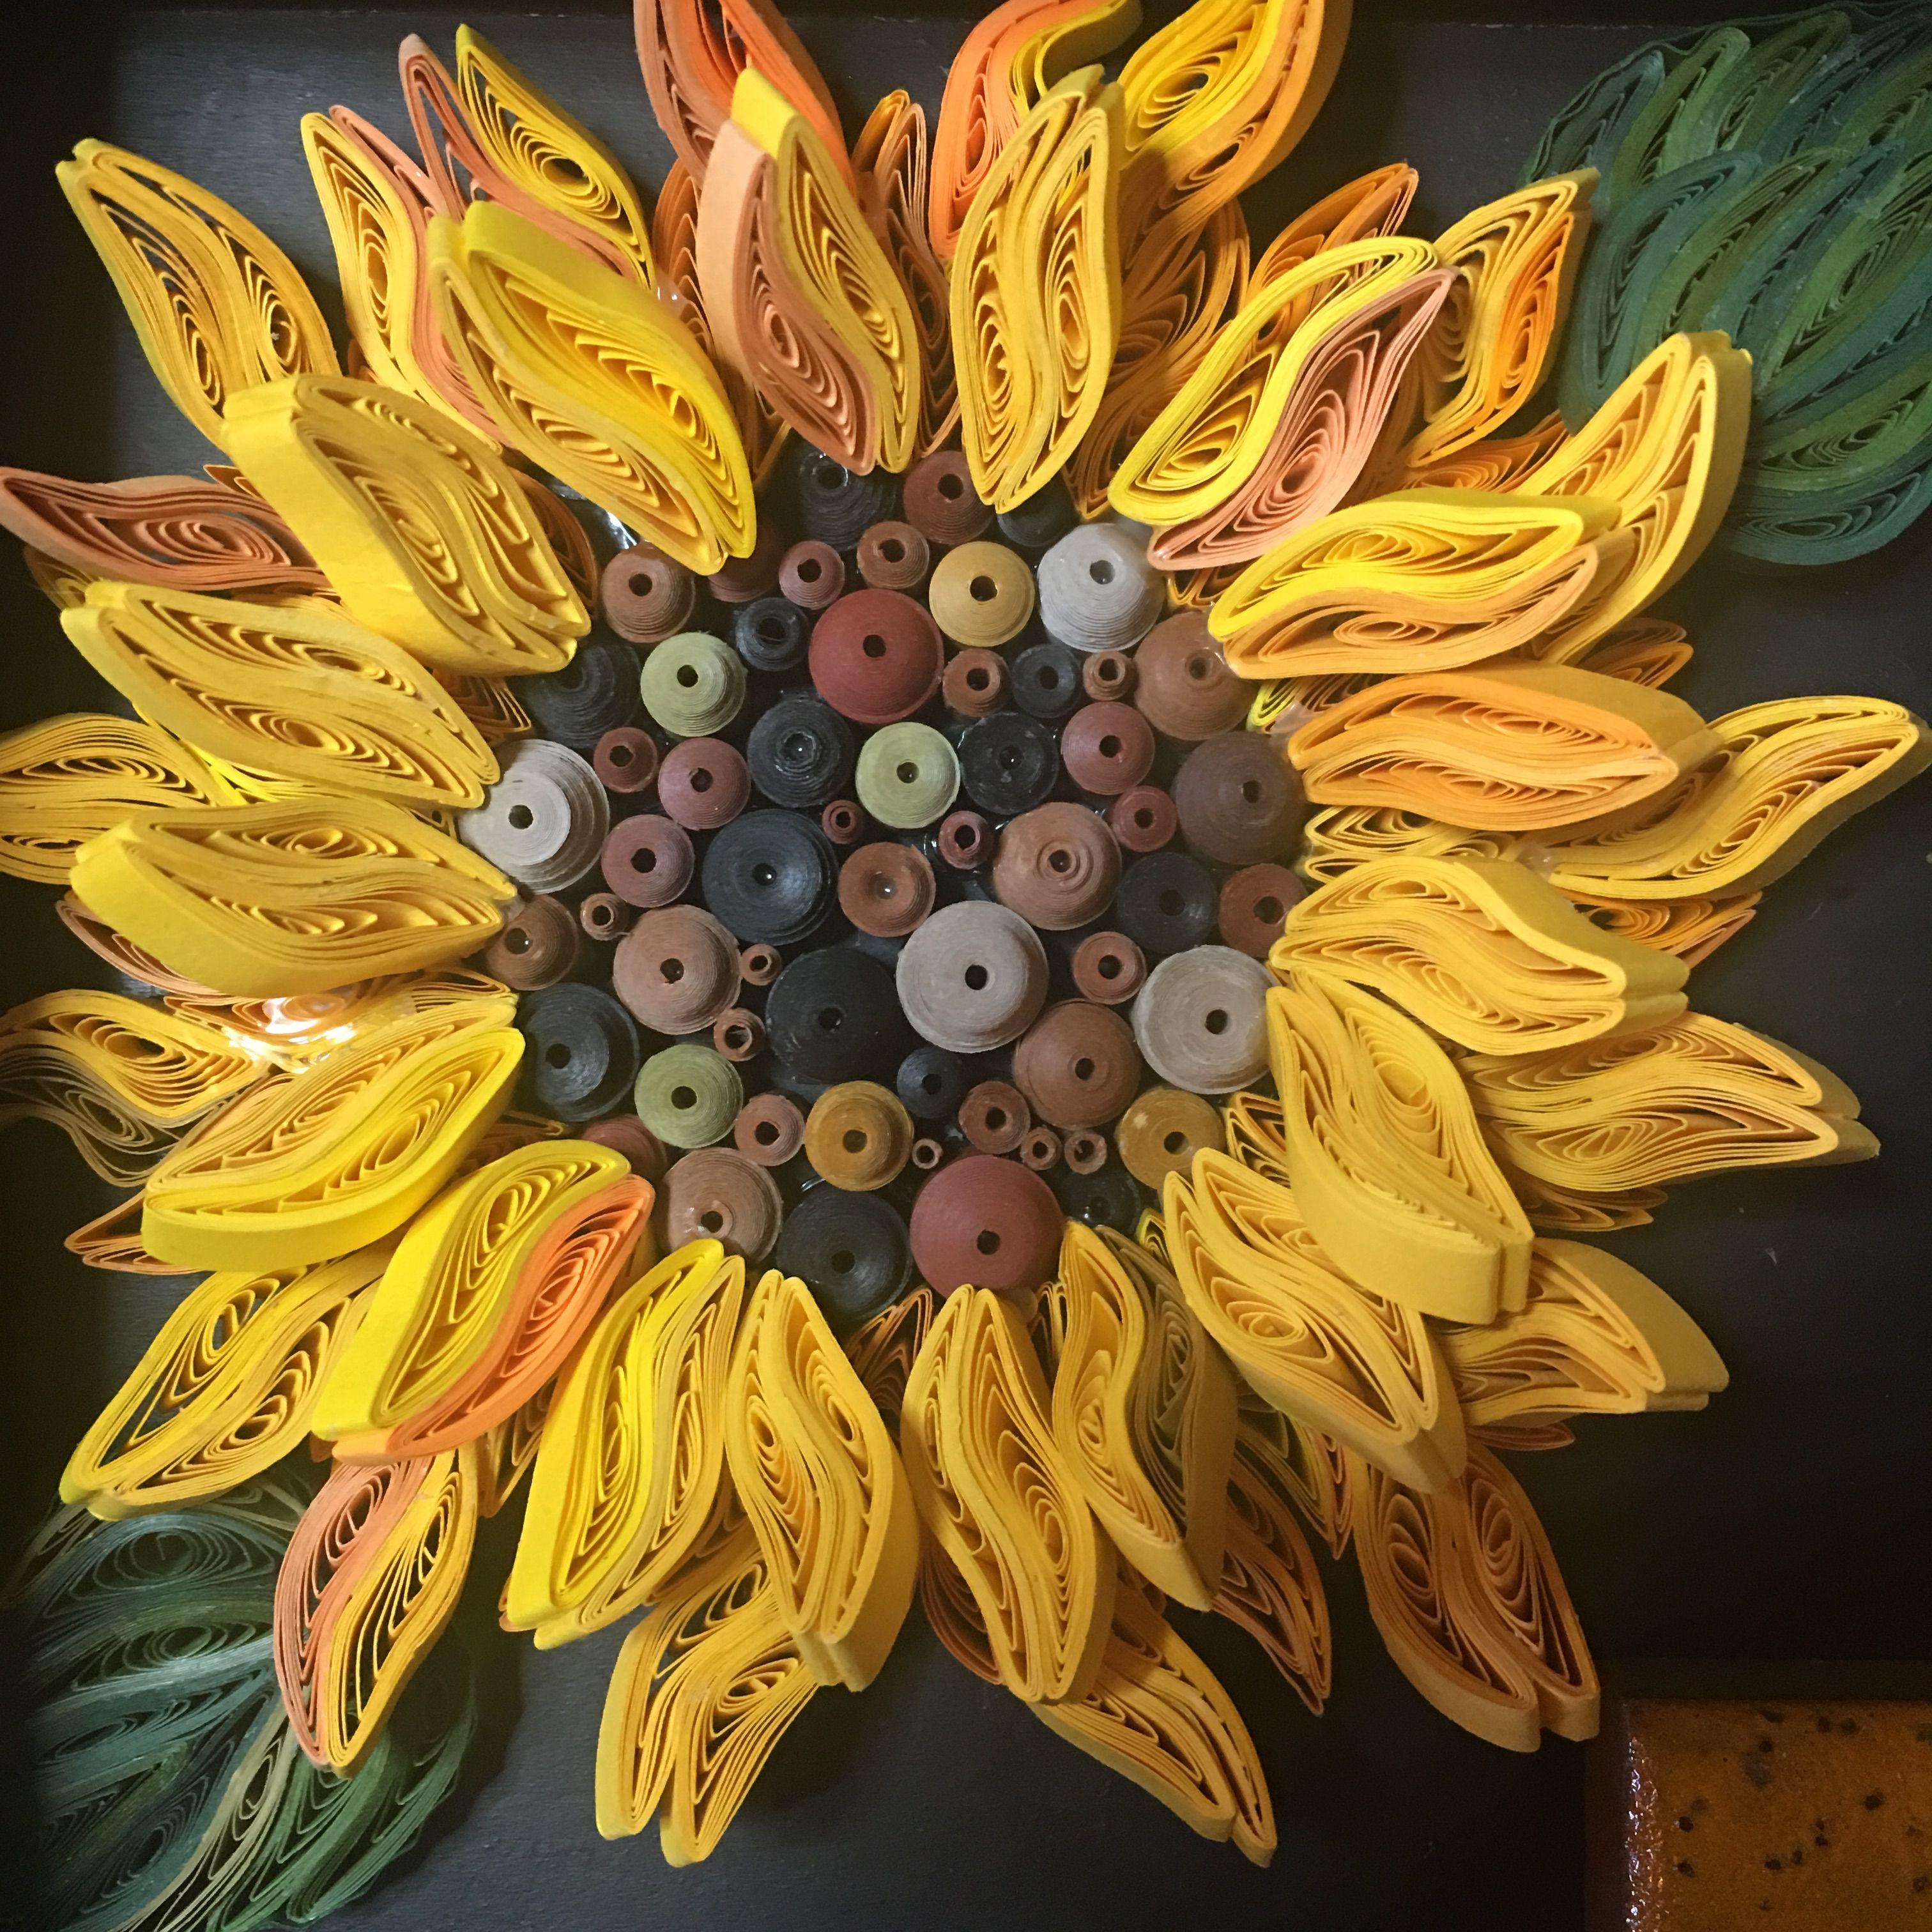 Paper Quilled Sunflower By Lauren Byrne @PickerElite | Paper works ...